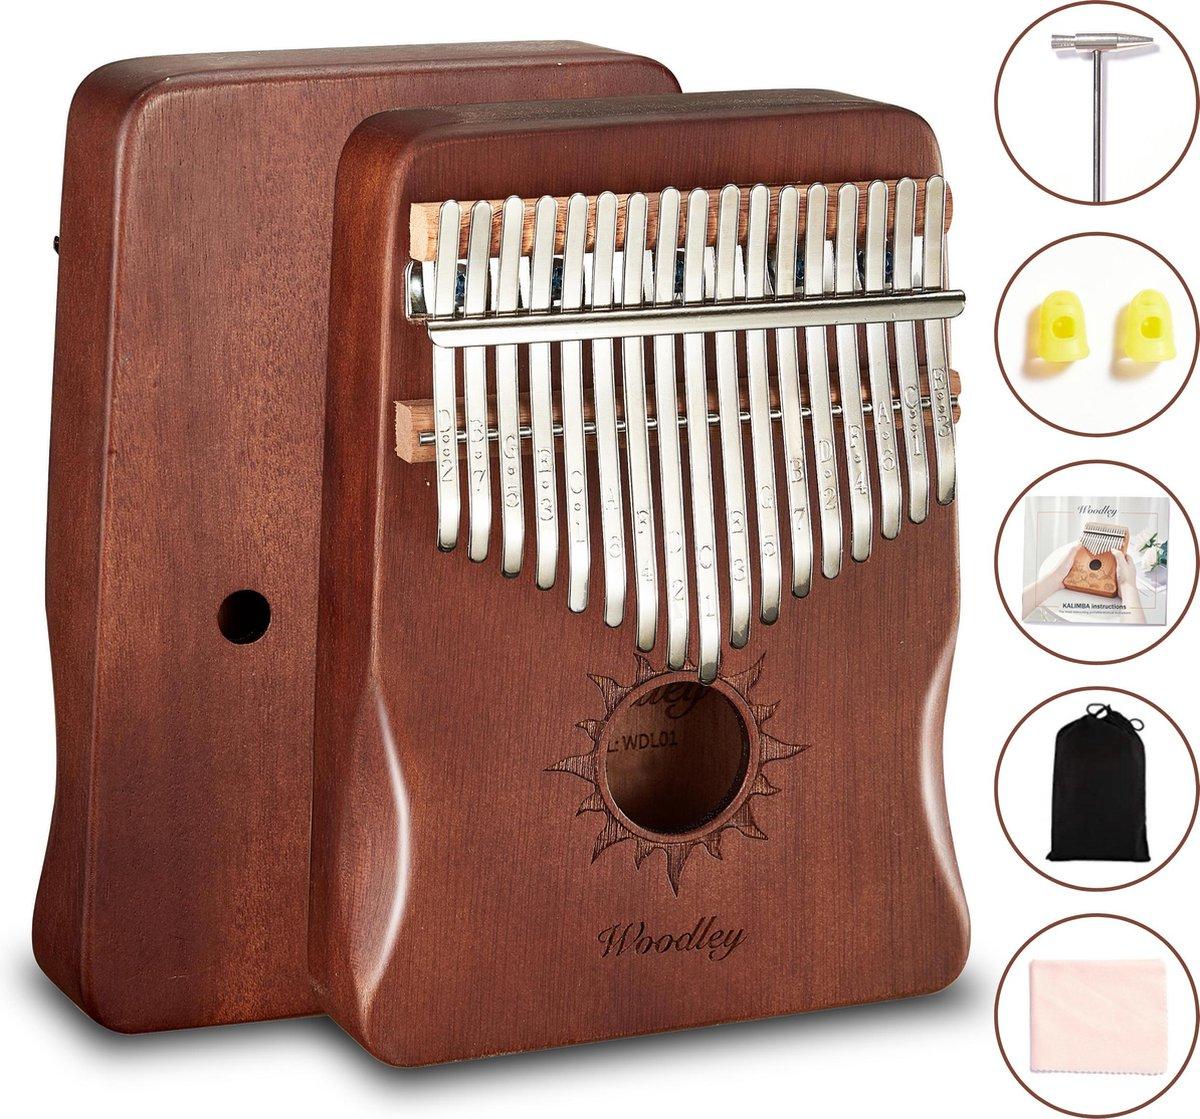 Kalimba set - 17 tonen - Duimpiano - Muziekinstrument - Mahoniehout - Cadeau voor man en vrouw - Voo